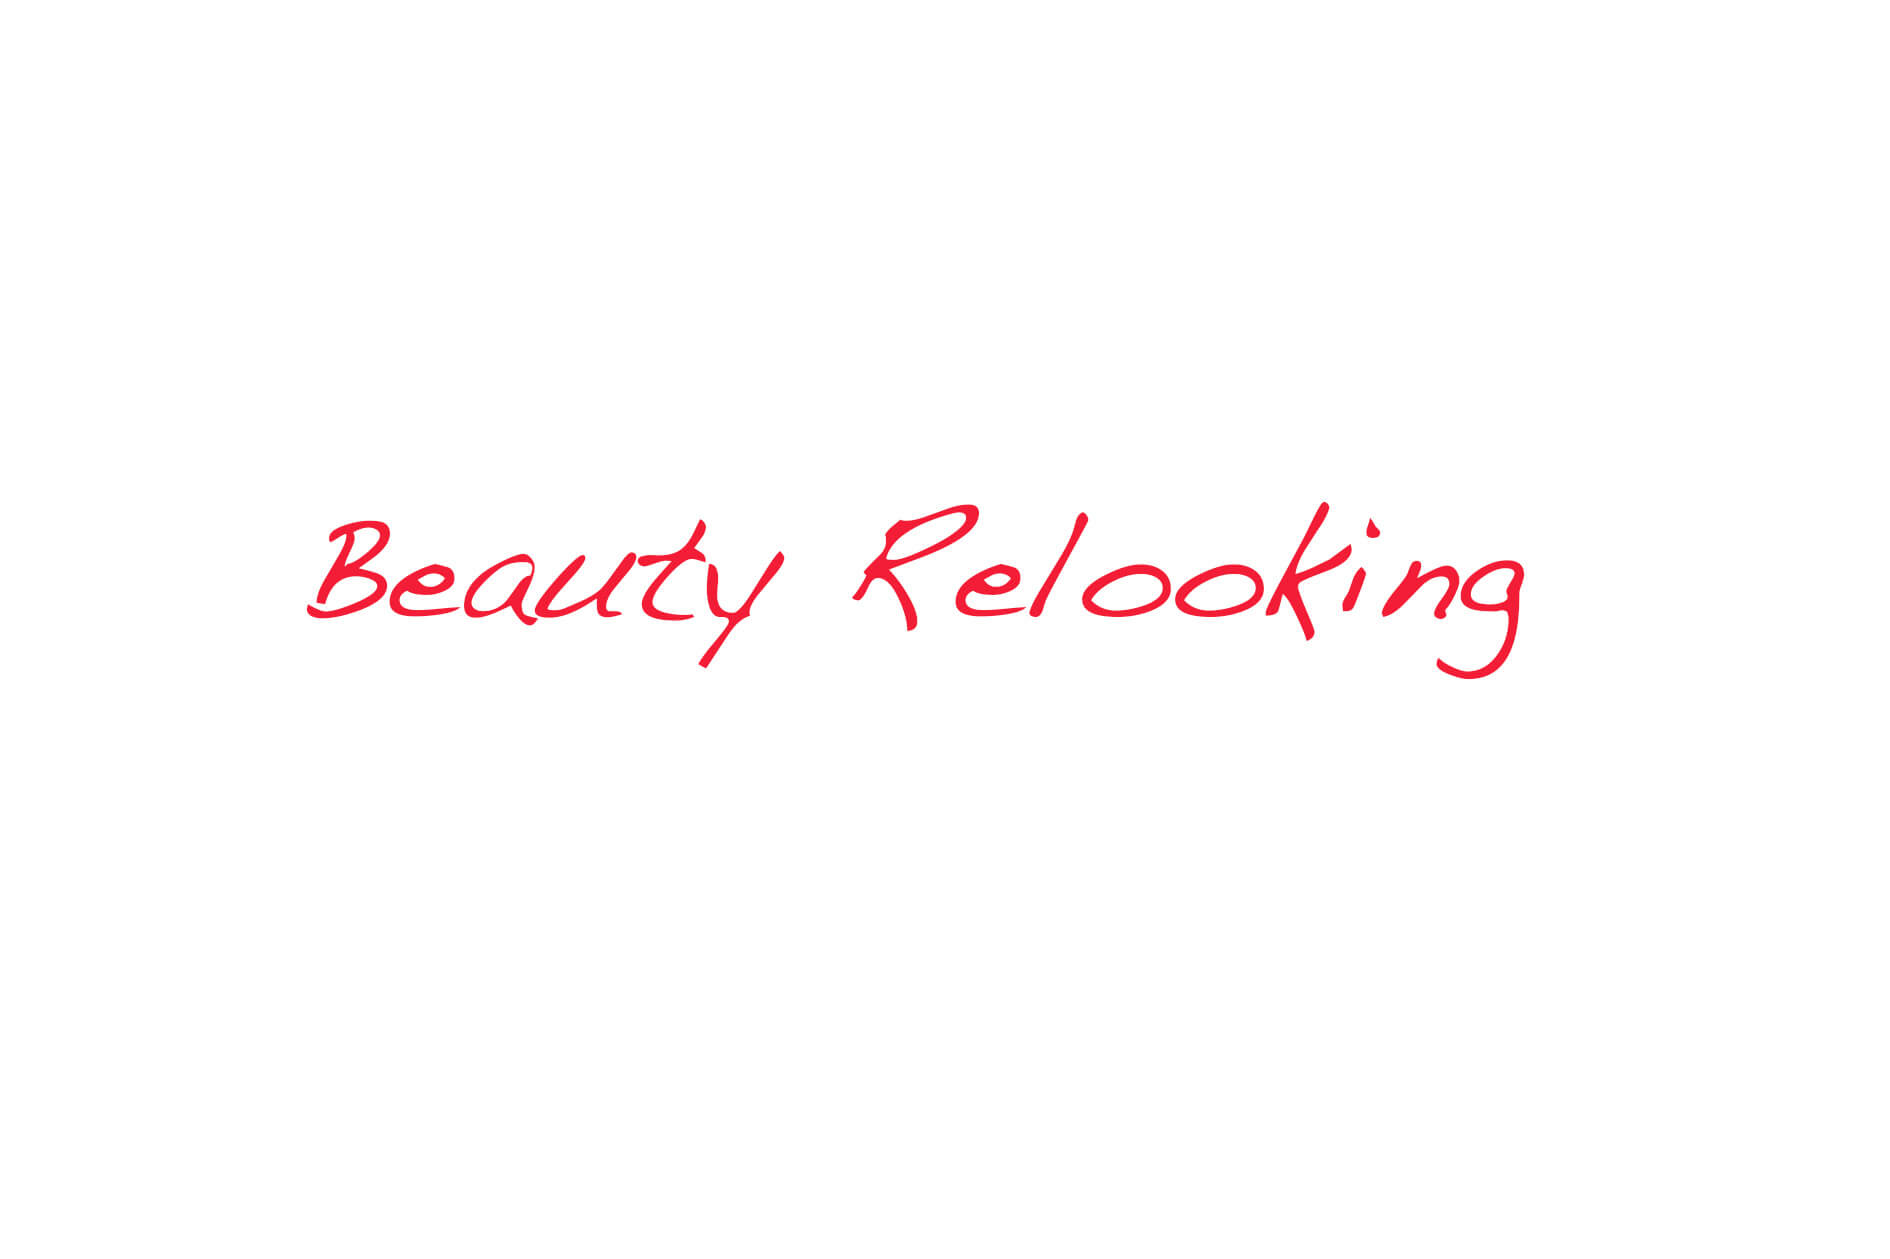 Beauty Relooking